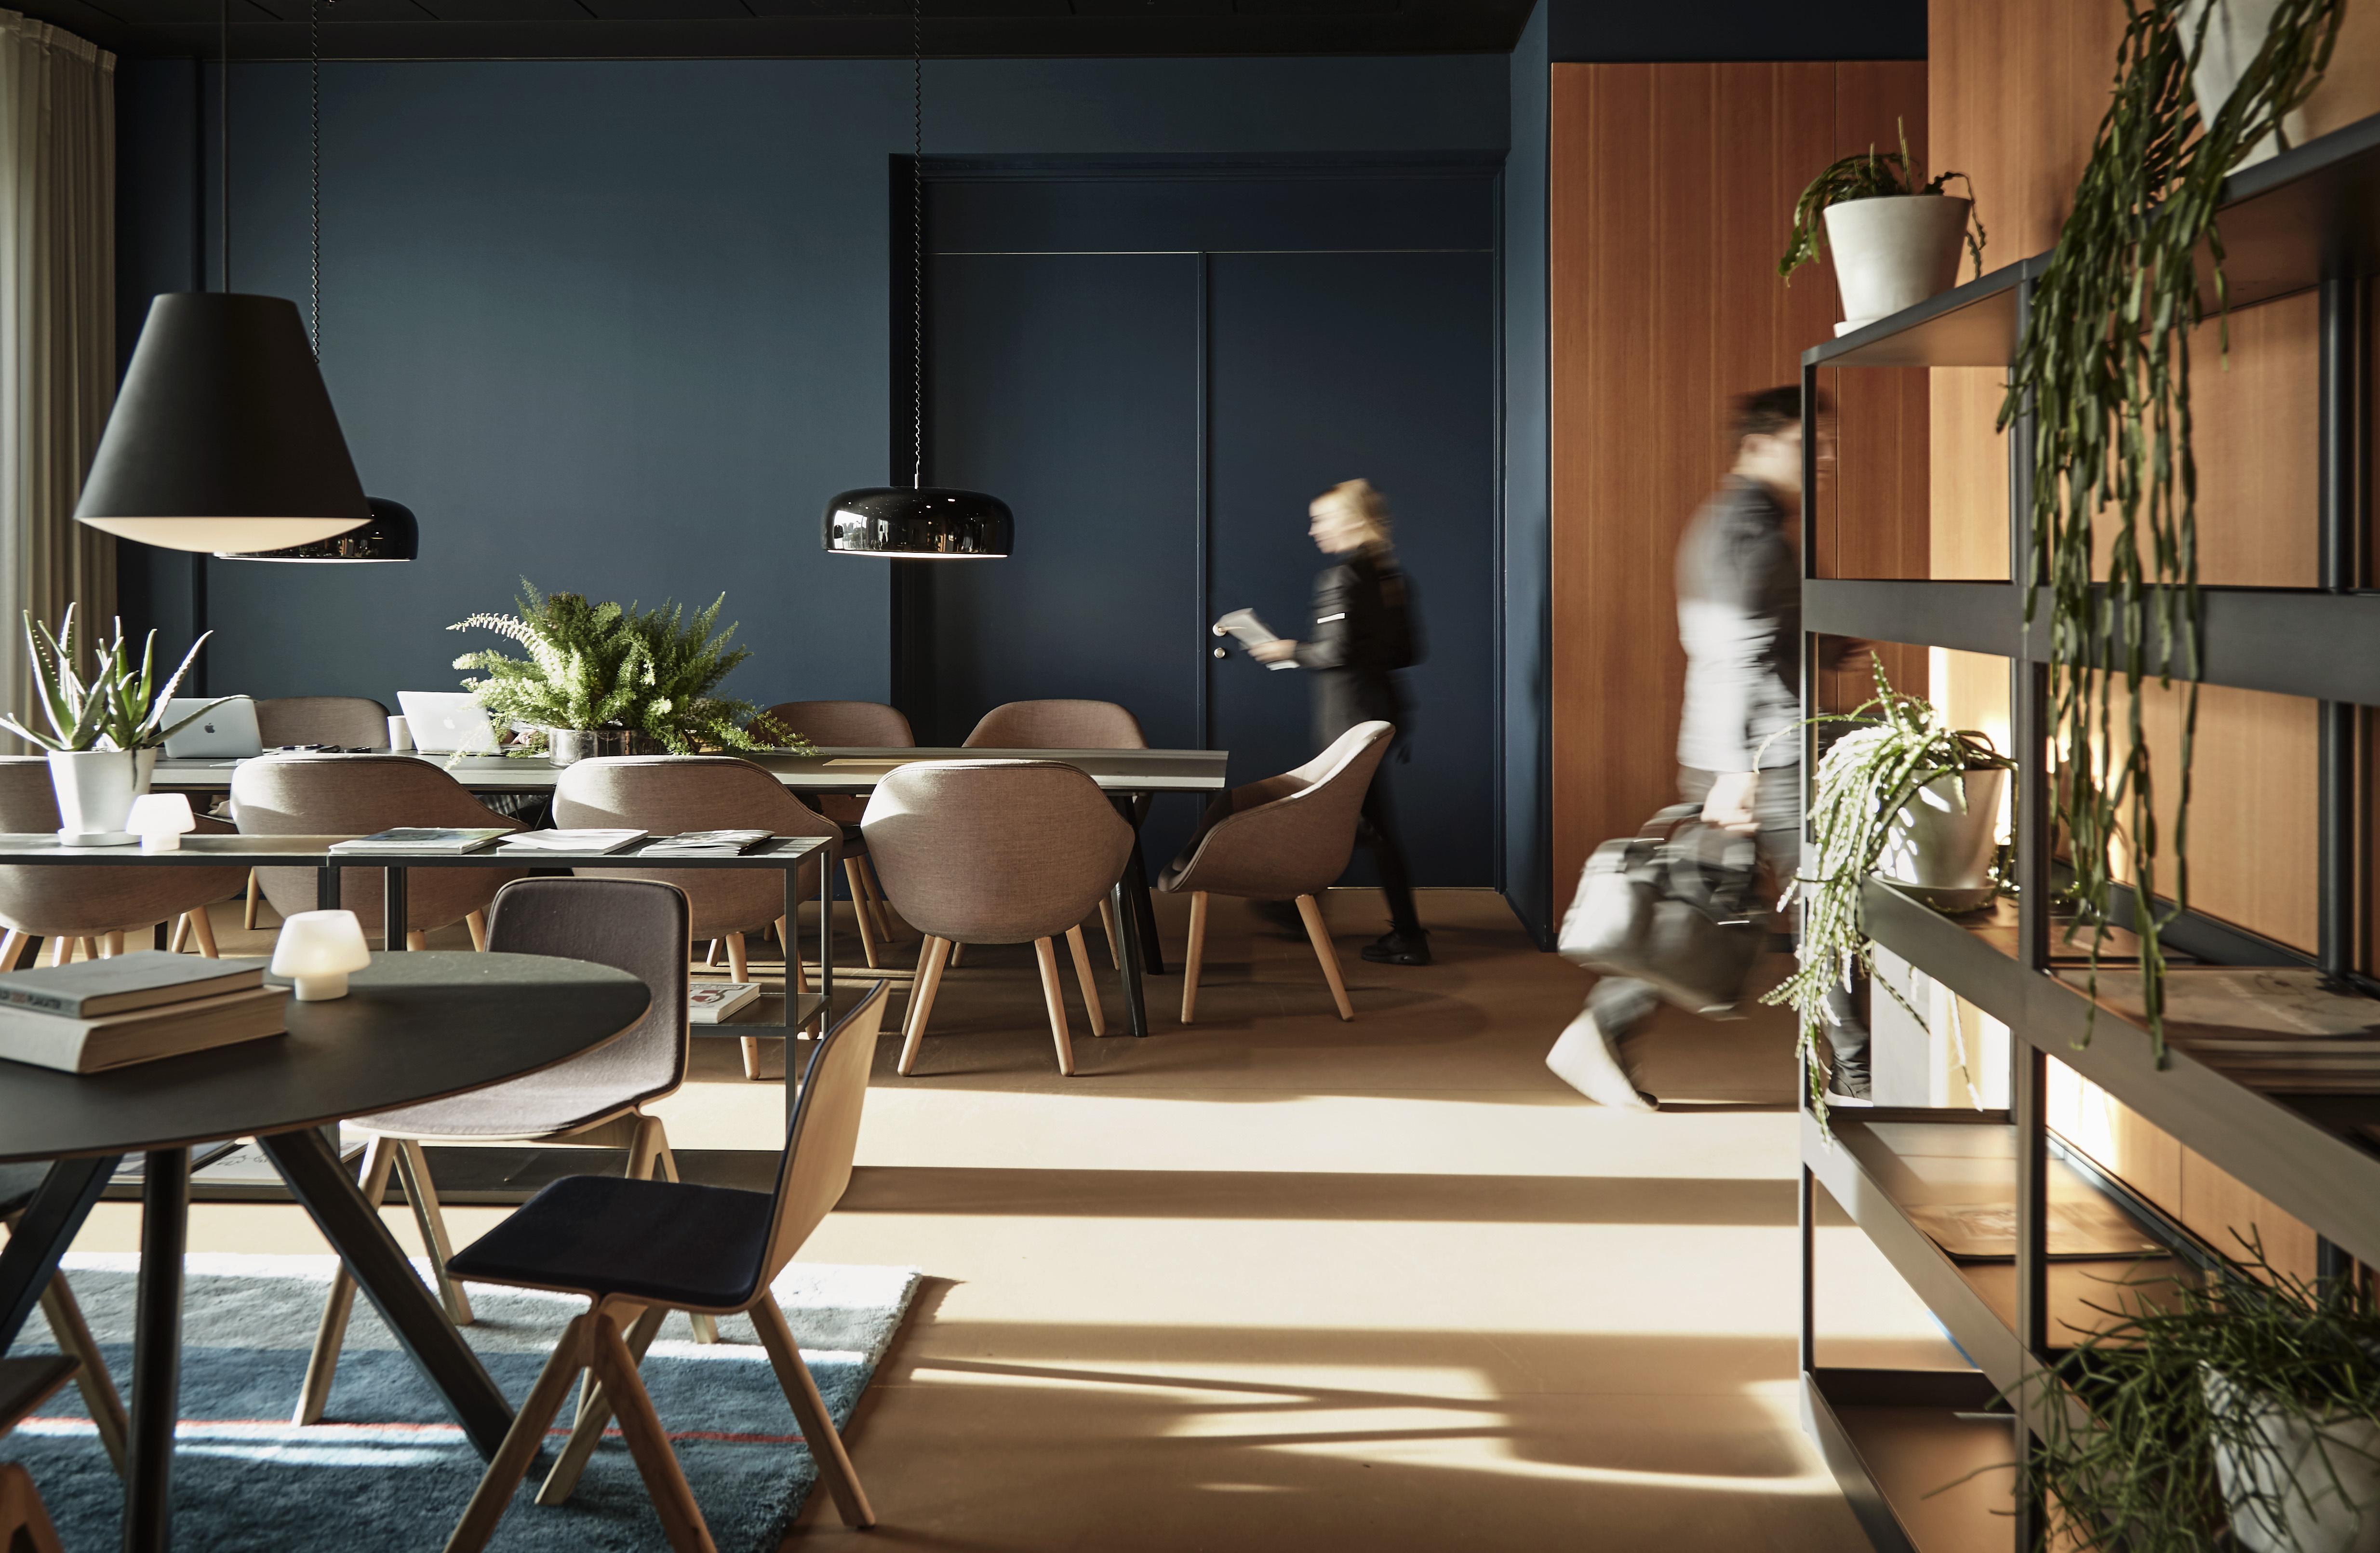 12 af Comwells 15 hoteller og konferencecentre i Danmark er med i den nye statsaftale. Foto: Comwell.